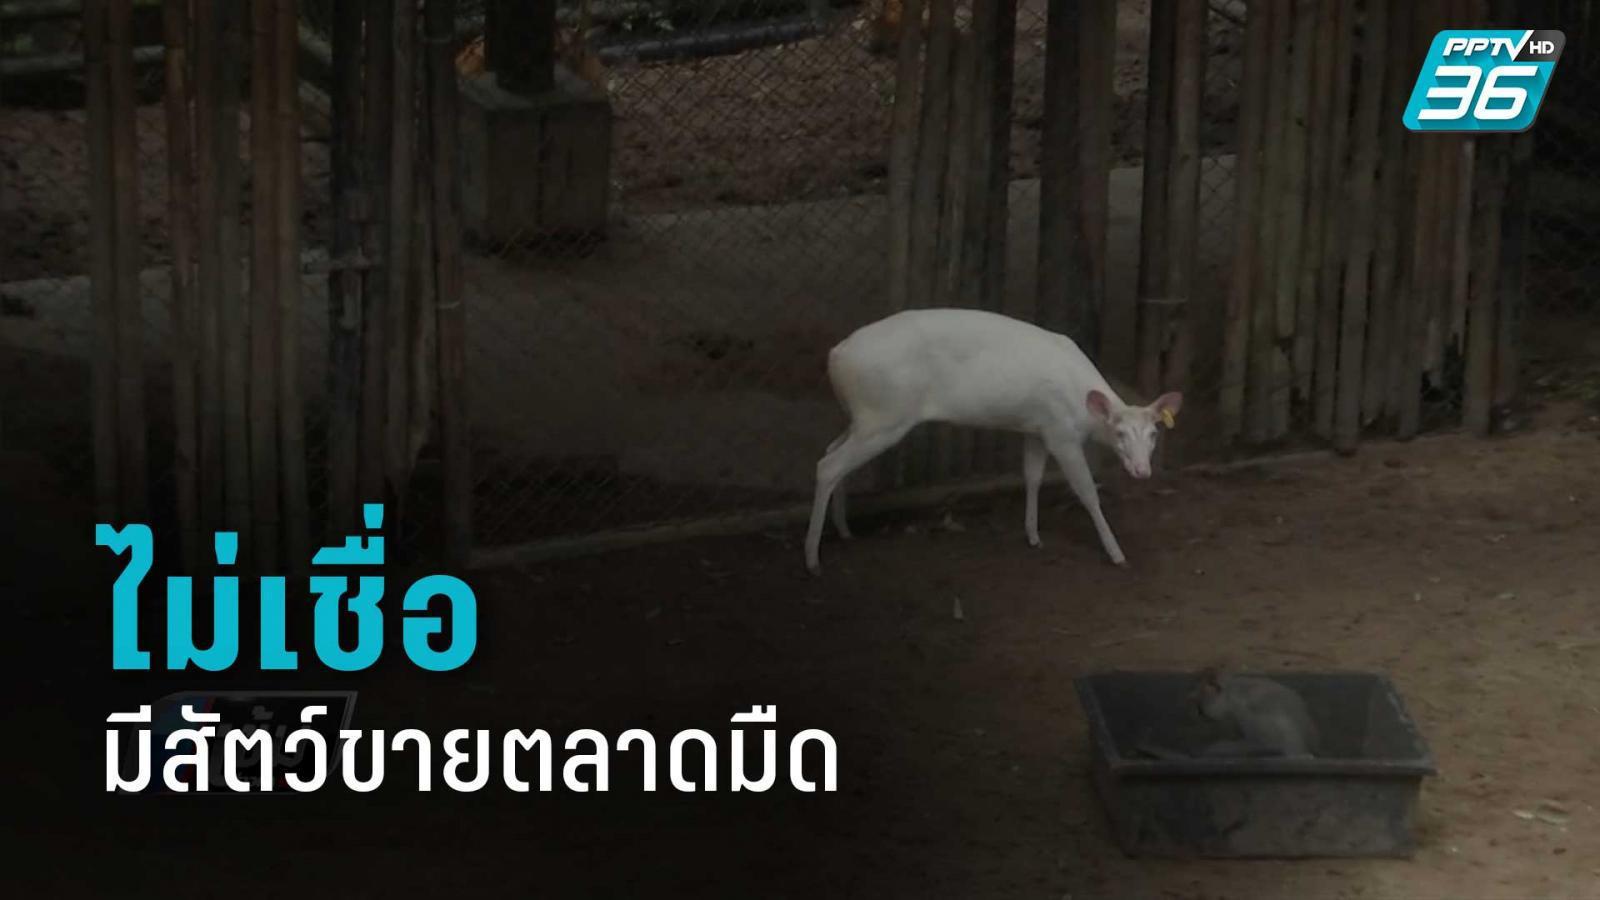 """สวนสัตว์เขาเขียว ไม่เชื่อมีสัตว์ในสวนสัตว์ หลุดขาย """"ตลาดมืด"""""""